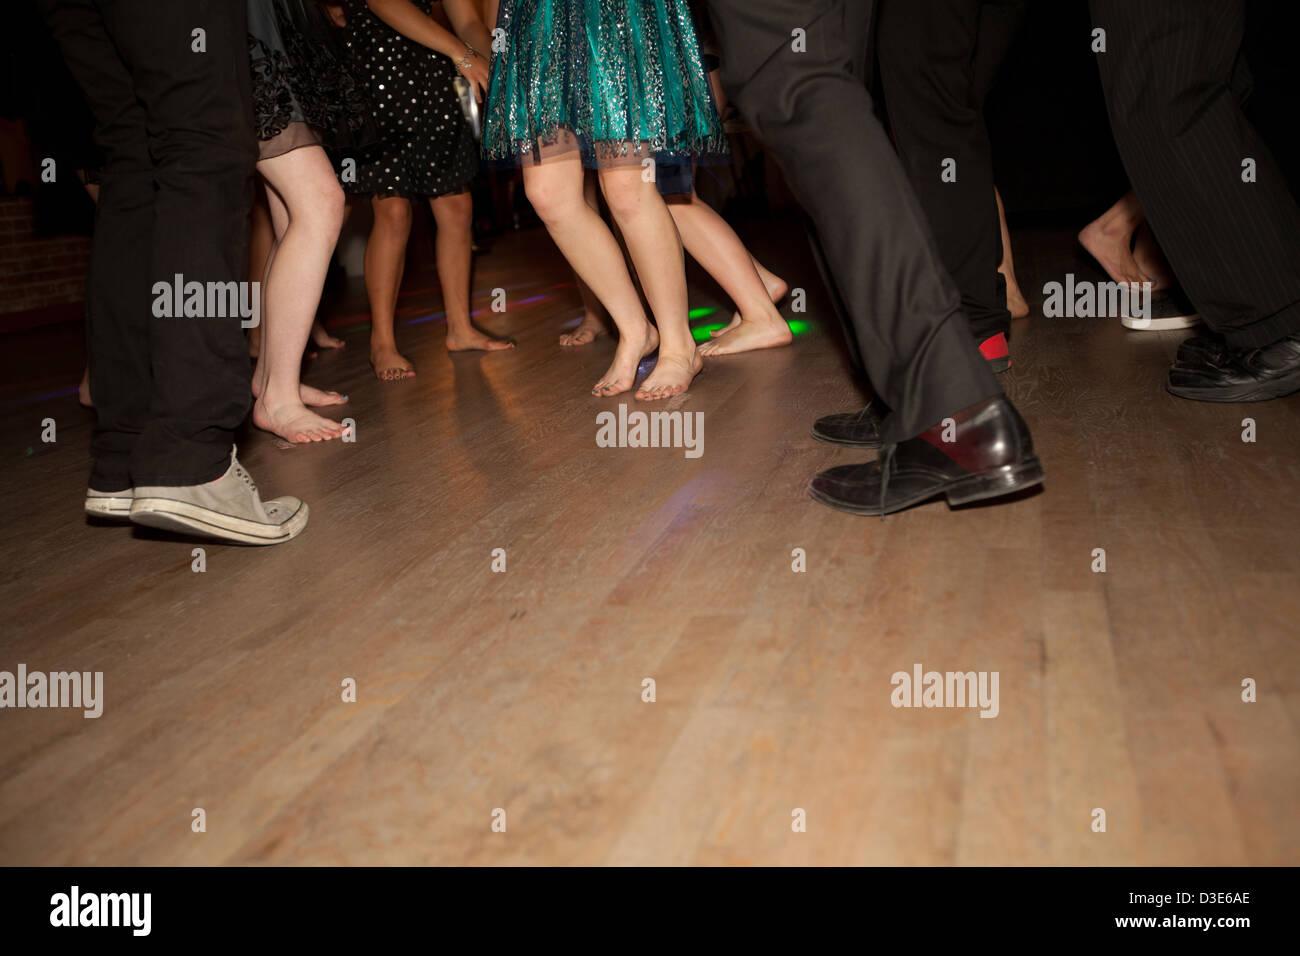 Teenagers feet dancing on wood dance floor high school for 123 get on the dance floor song download